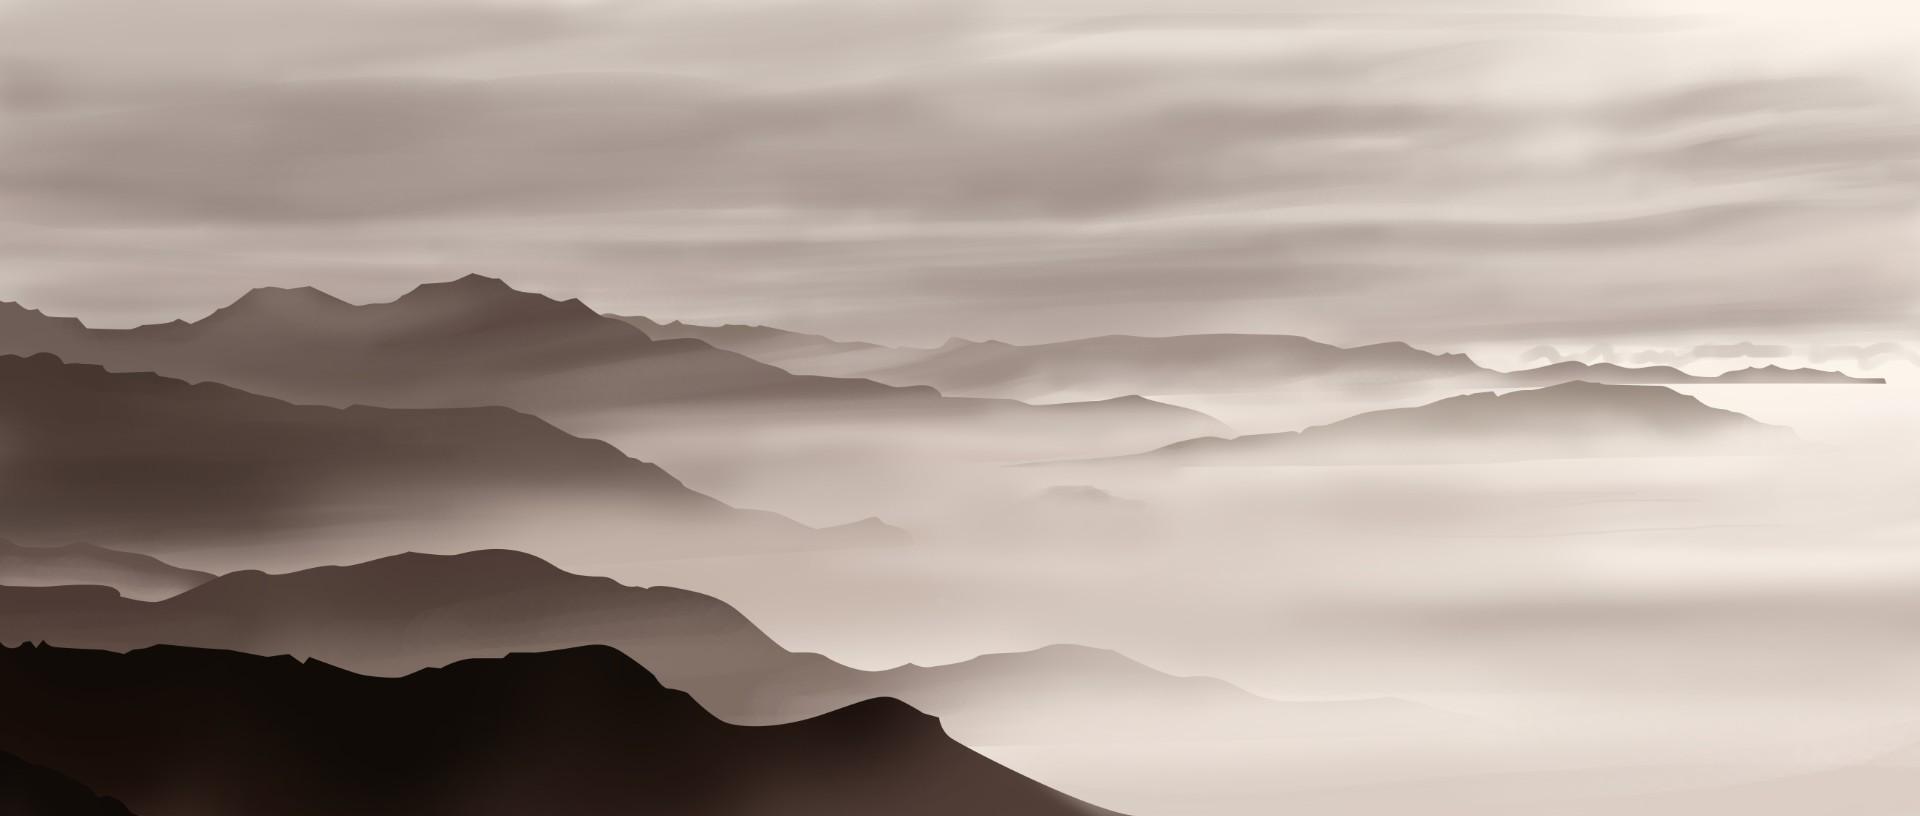 背景 壁纸 风景 天空 桌面 1920_816